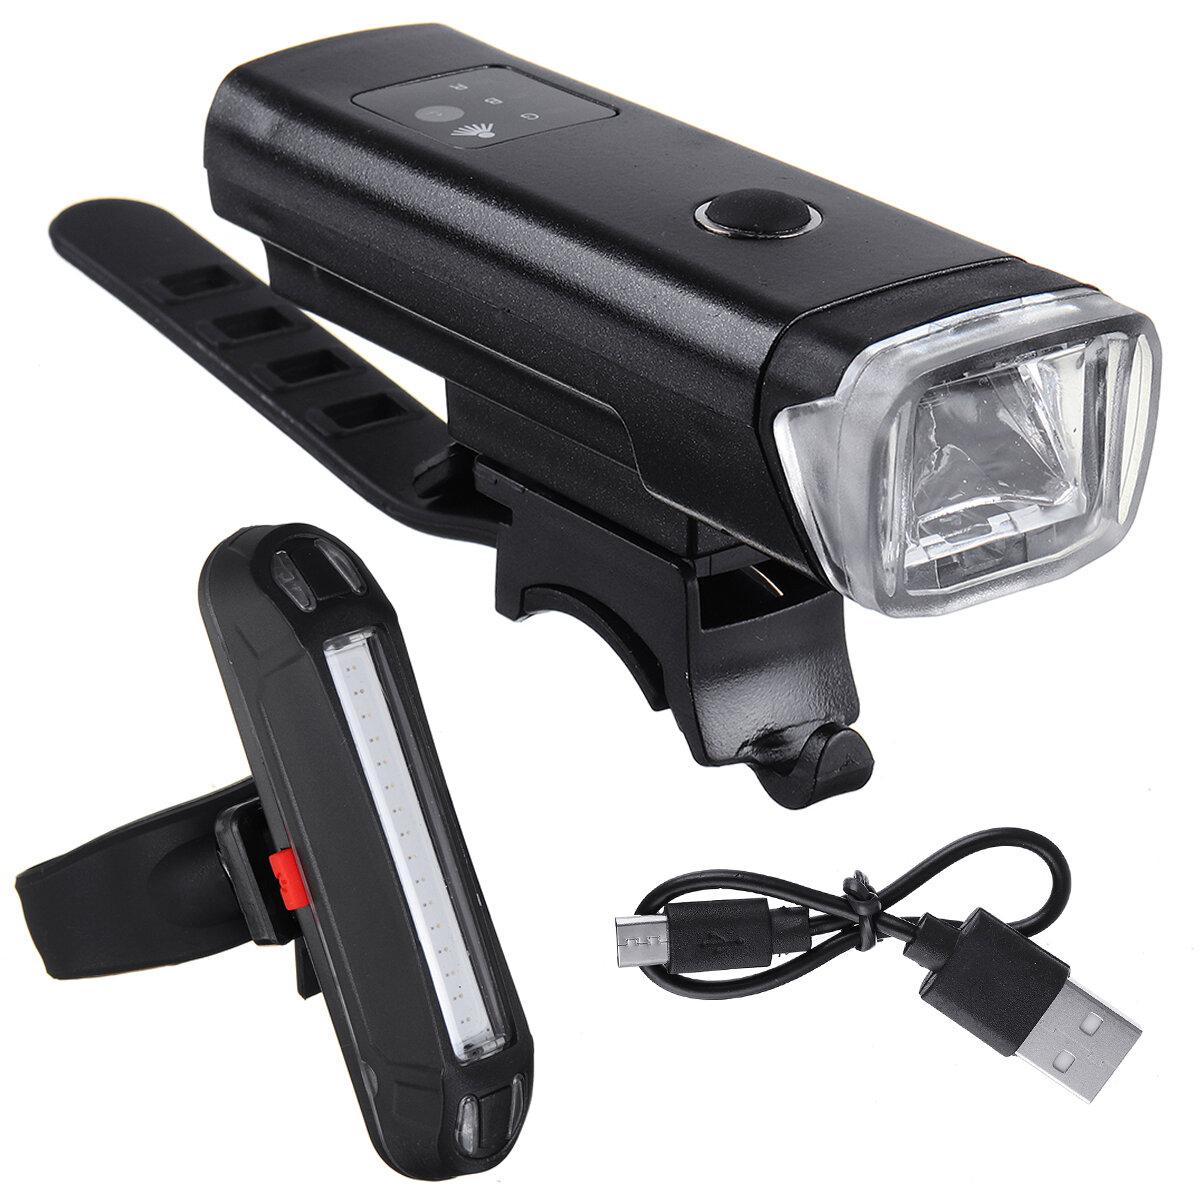 BIKIGHT 350Lm 1200mAh táctil sensible a la luz LED Juego de luces de bicicleta de carga USB Faro de bicicleta con luz tr